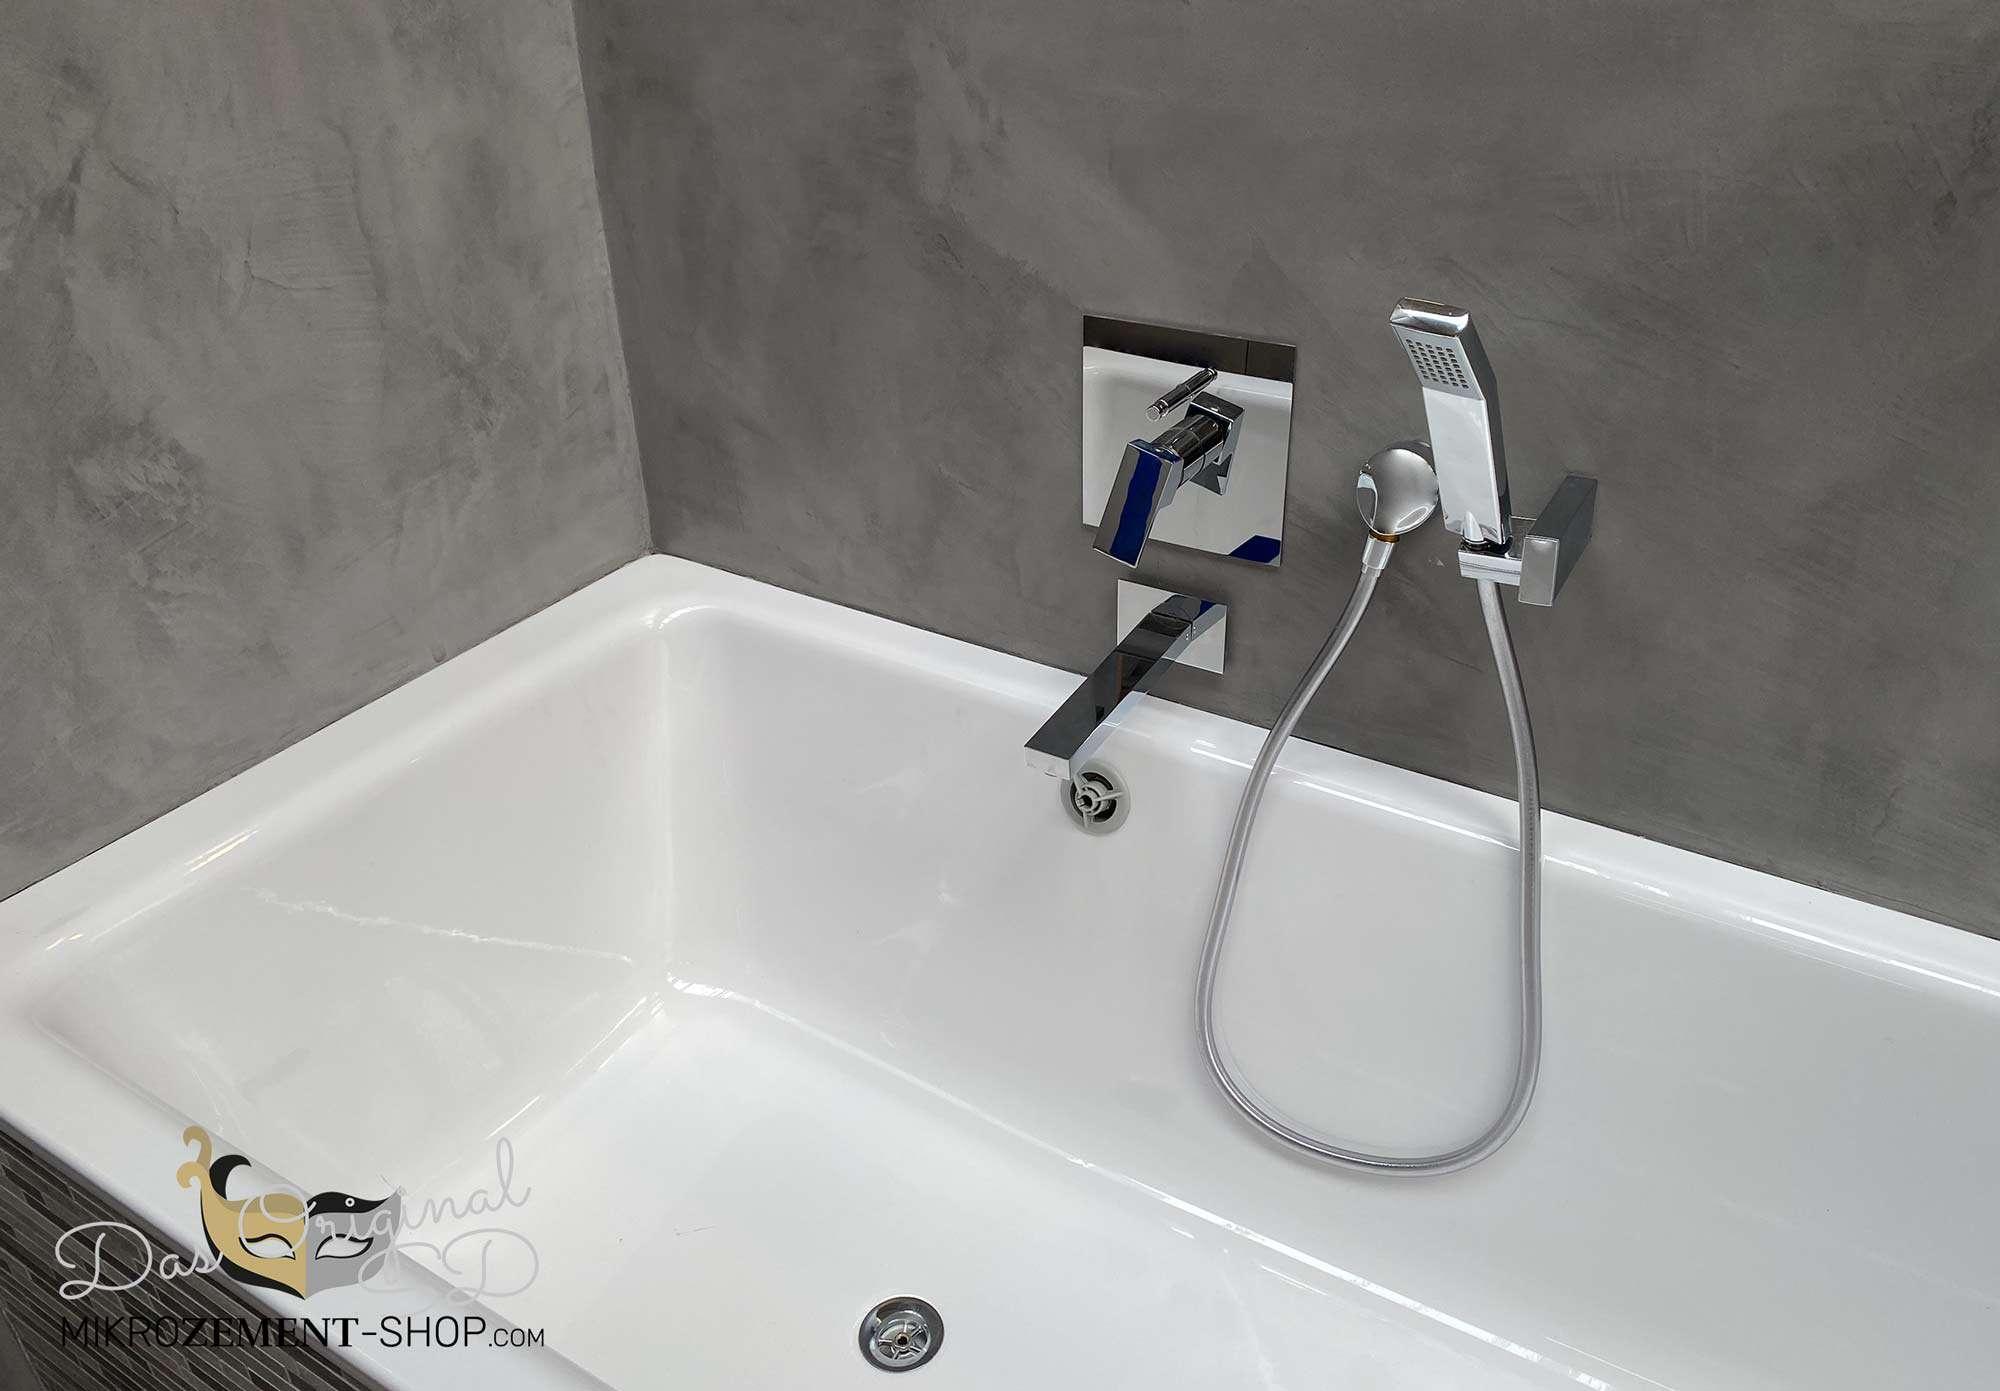 Mikrozement hinter der Badewanne